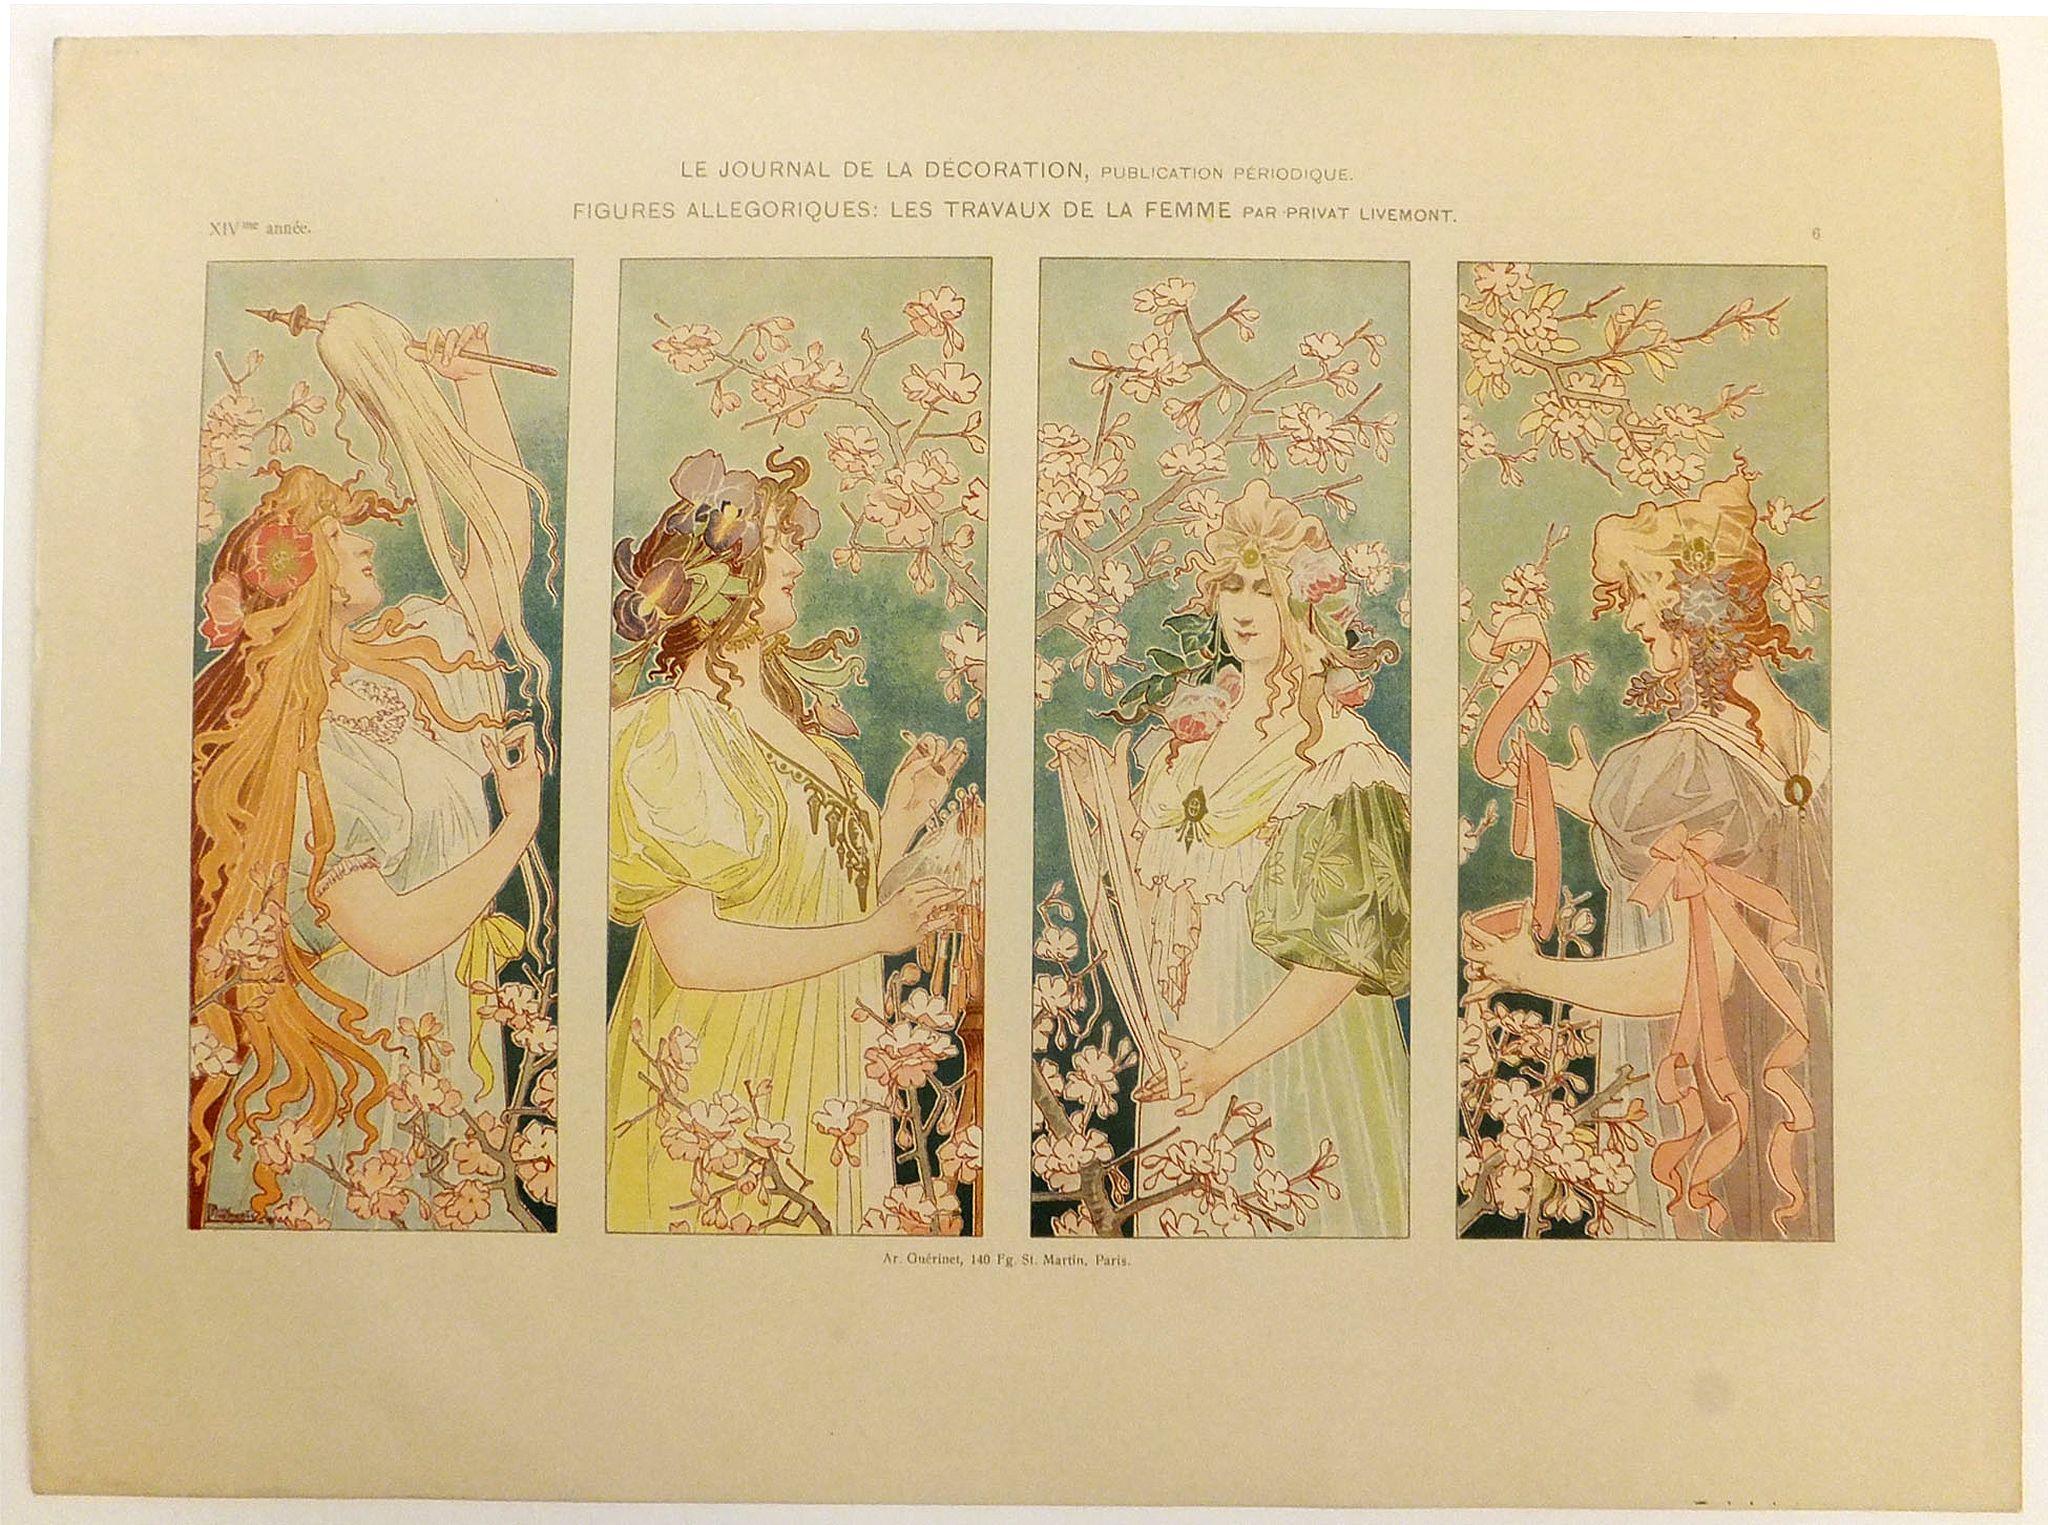 PRIVAT LIVEMONT -  Le journal de la décoration, publication périodique. Figures allégoriques : Les travaux de la femme par Privat Livemont.